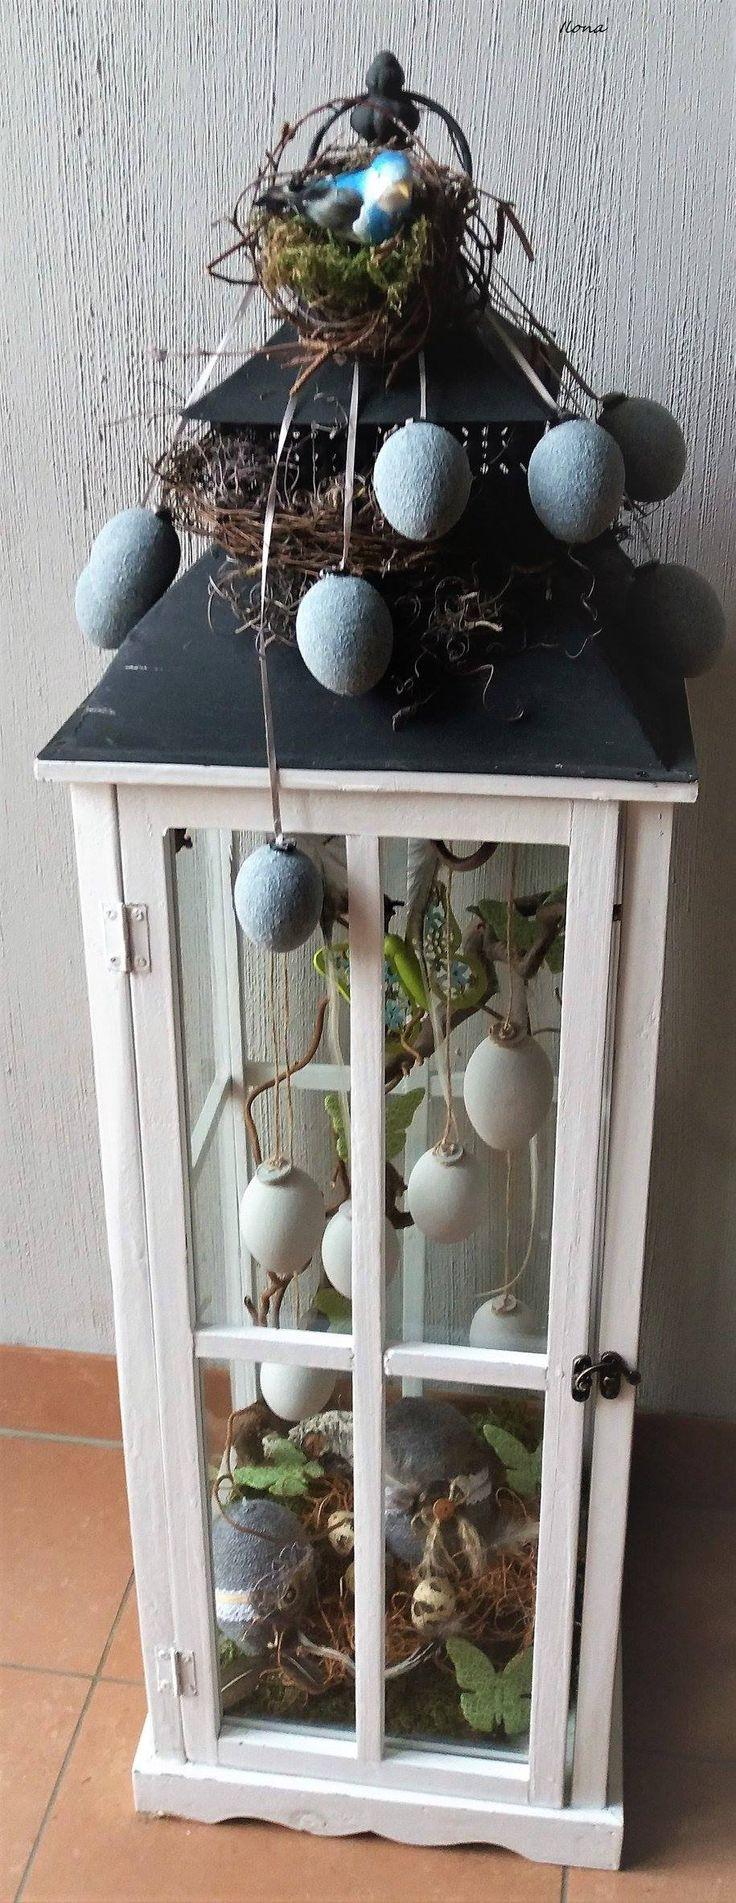 1961 besten fr hling bilder auf pinterest deko fr hling eier und fr hlingsdekoration. Black Bedroom Furniture Sets. Home Design Ideas